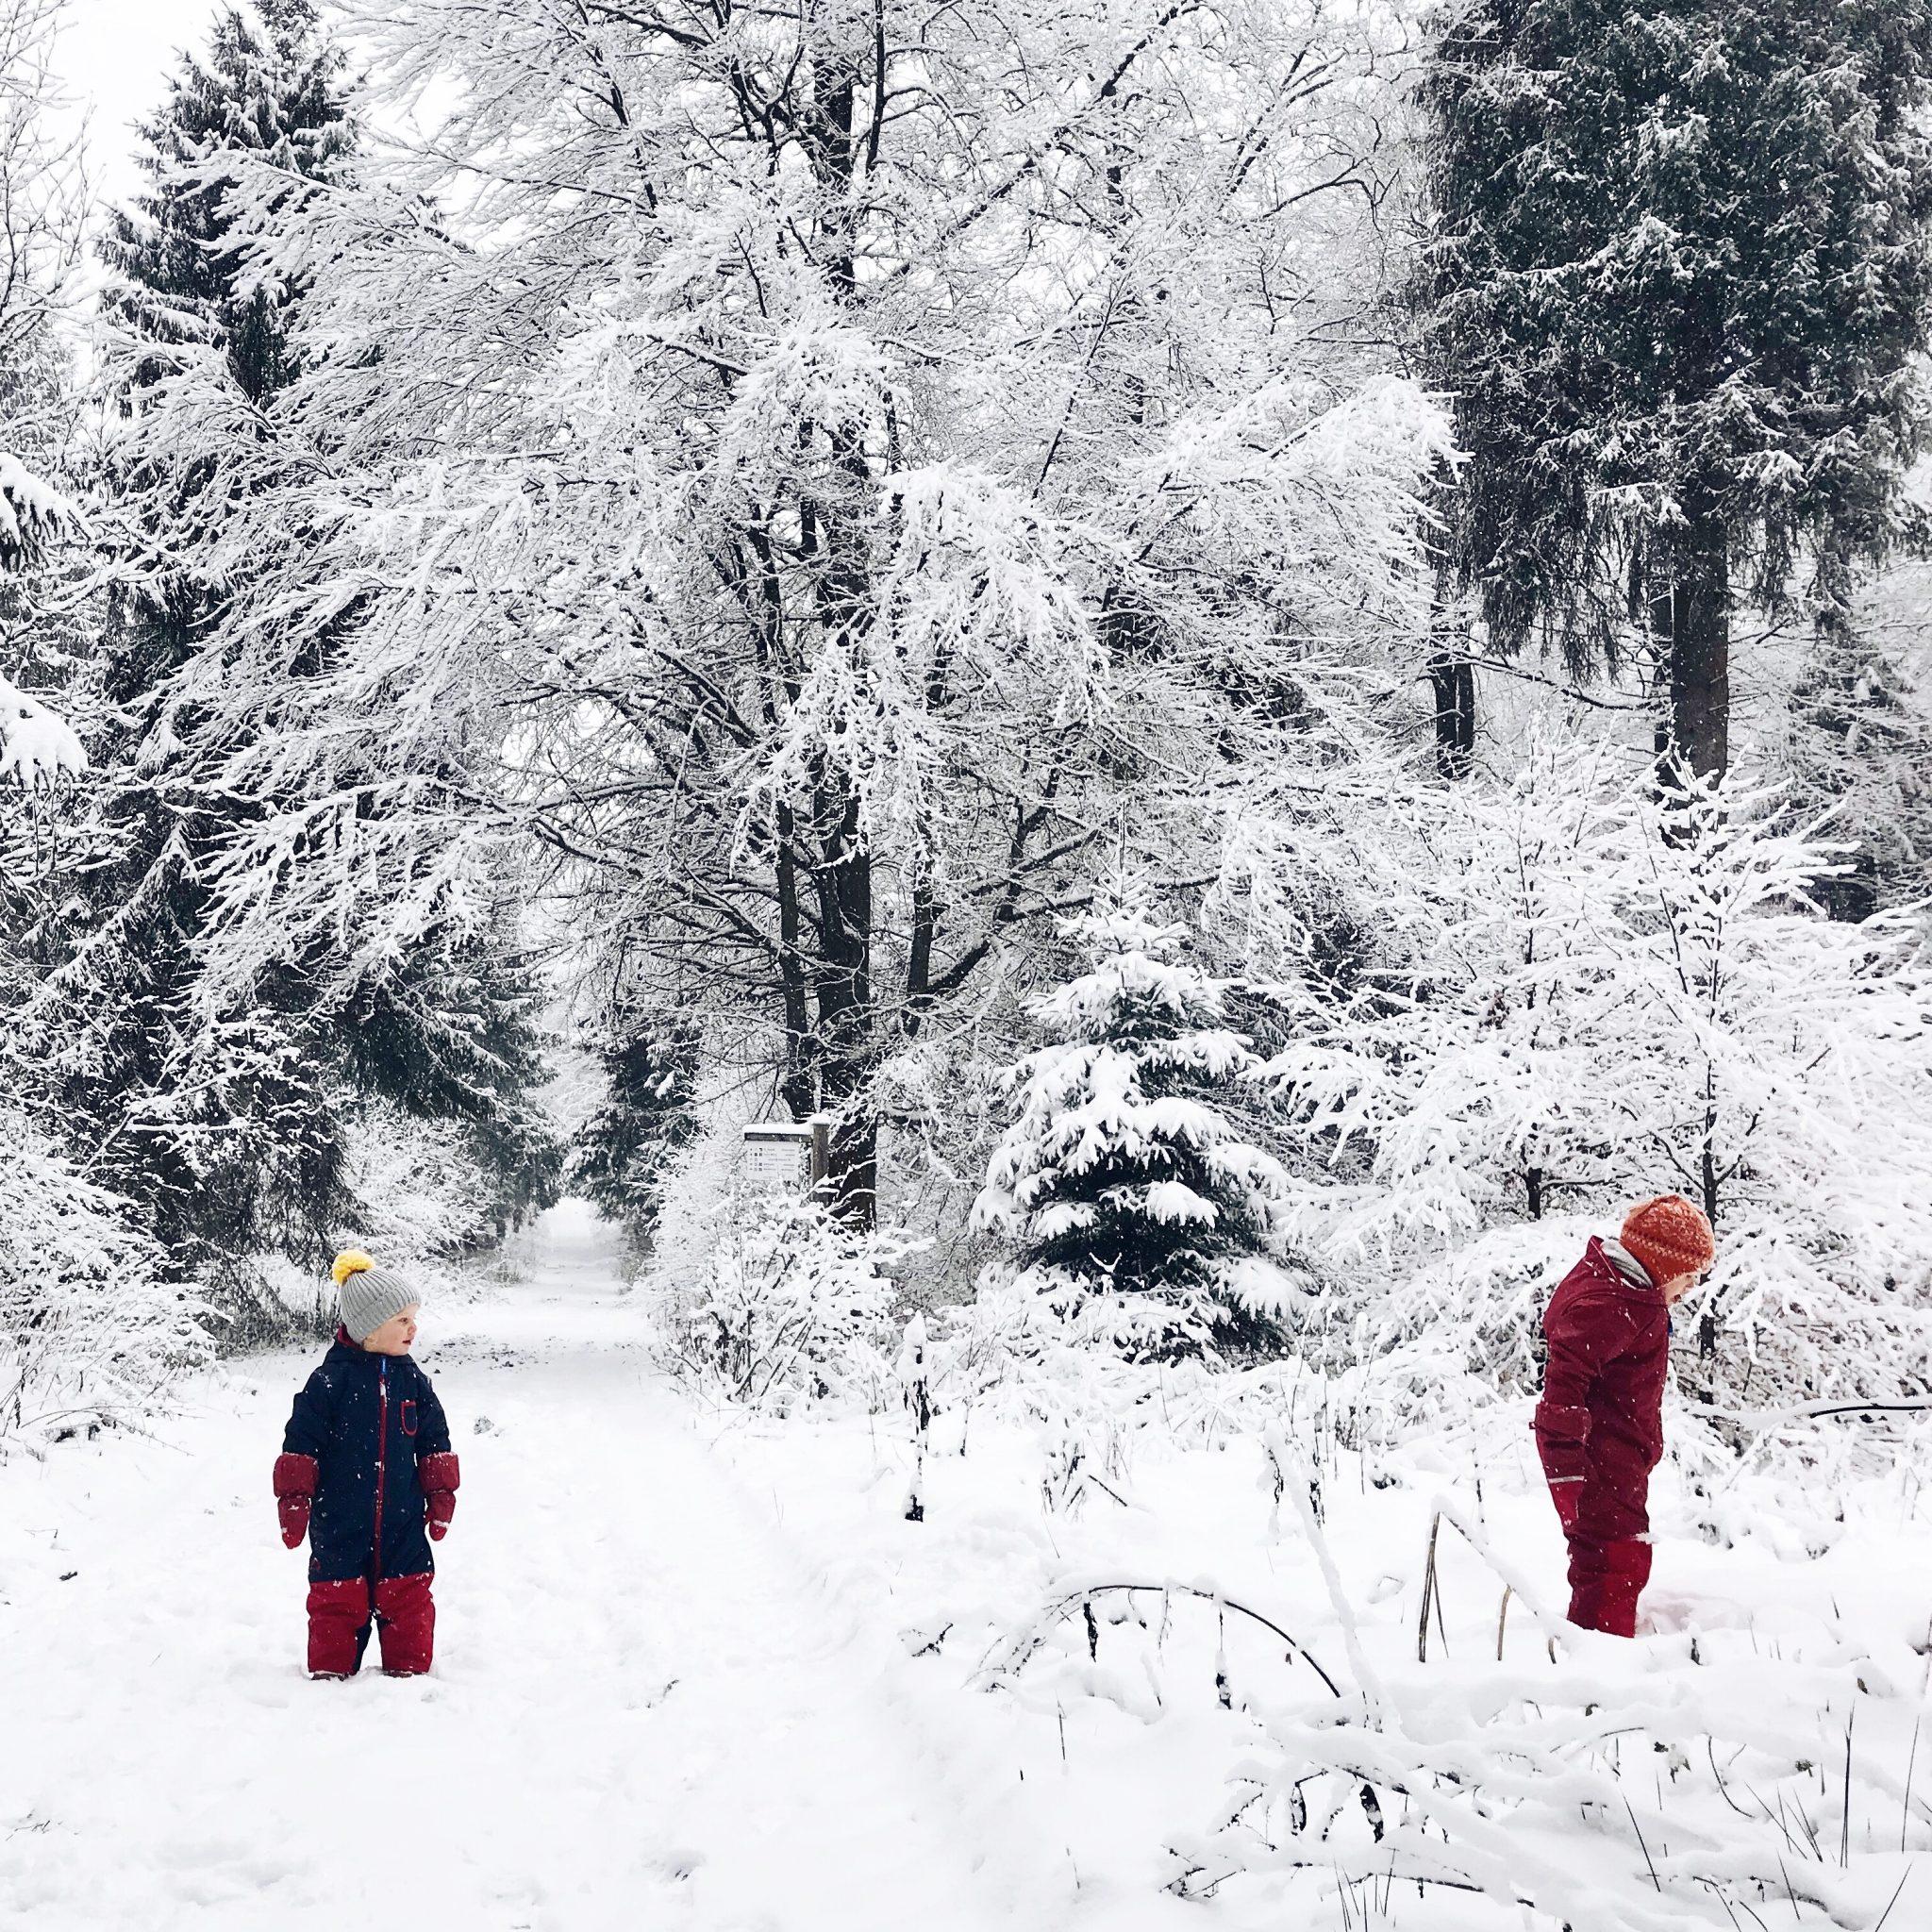 winterurlaub kurztrip kinder schnee winterferien sauerland schnee familienurlaub10 sarahplusdrei. Black Bedroom Furniture Sets. Home Design Ideas